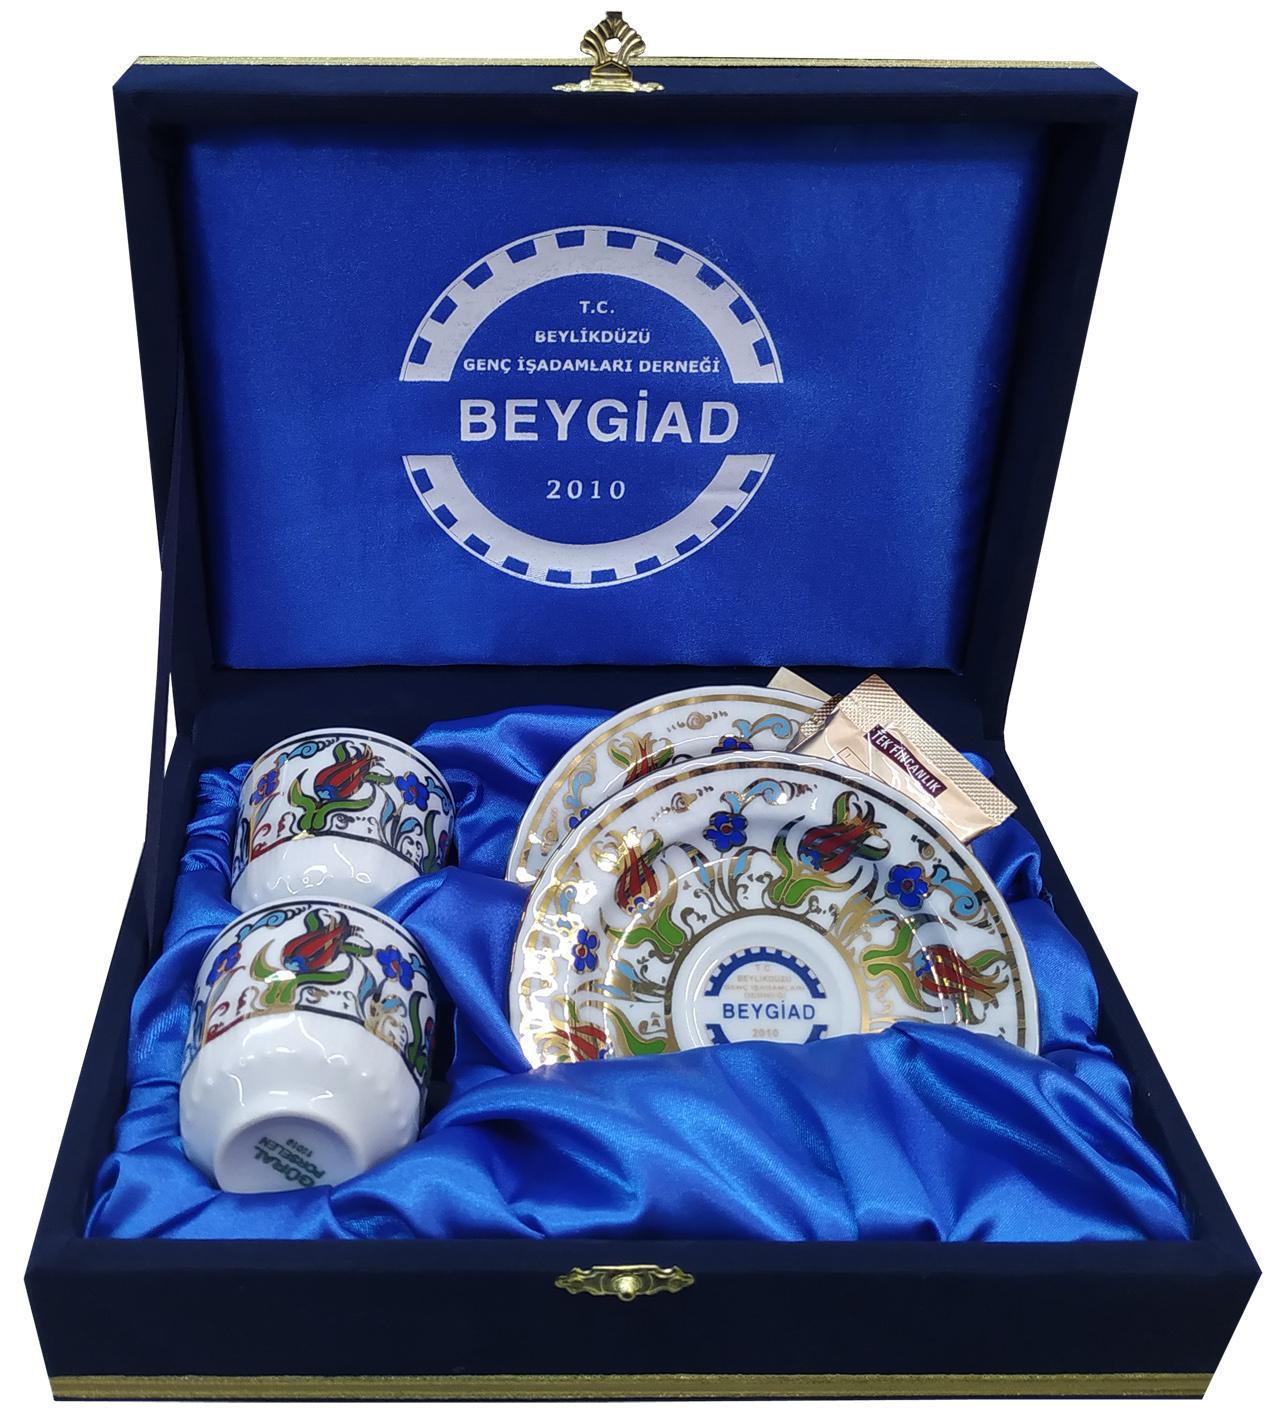 Kurumsal Logo Baskılı Kahve Fincan Takımları İkili Kadife Kutulu firma logolu kahve fincanı promosyon kahve paketi sepeti Türk kahvesi hediye seti hediye kahve kutusu